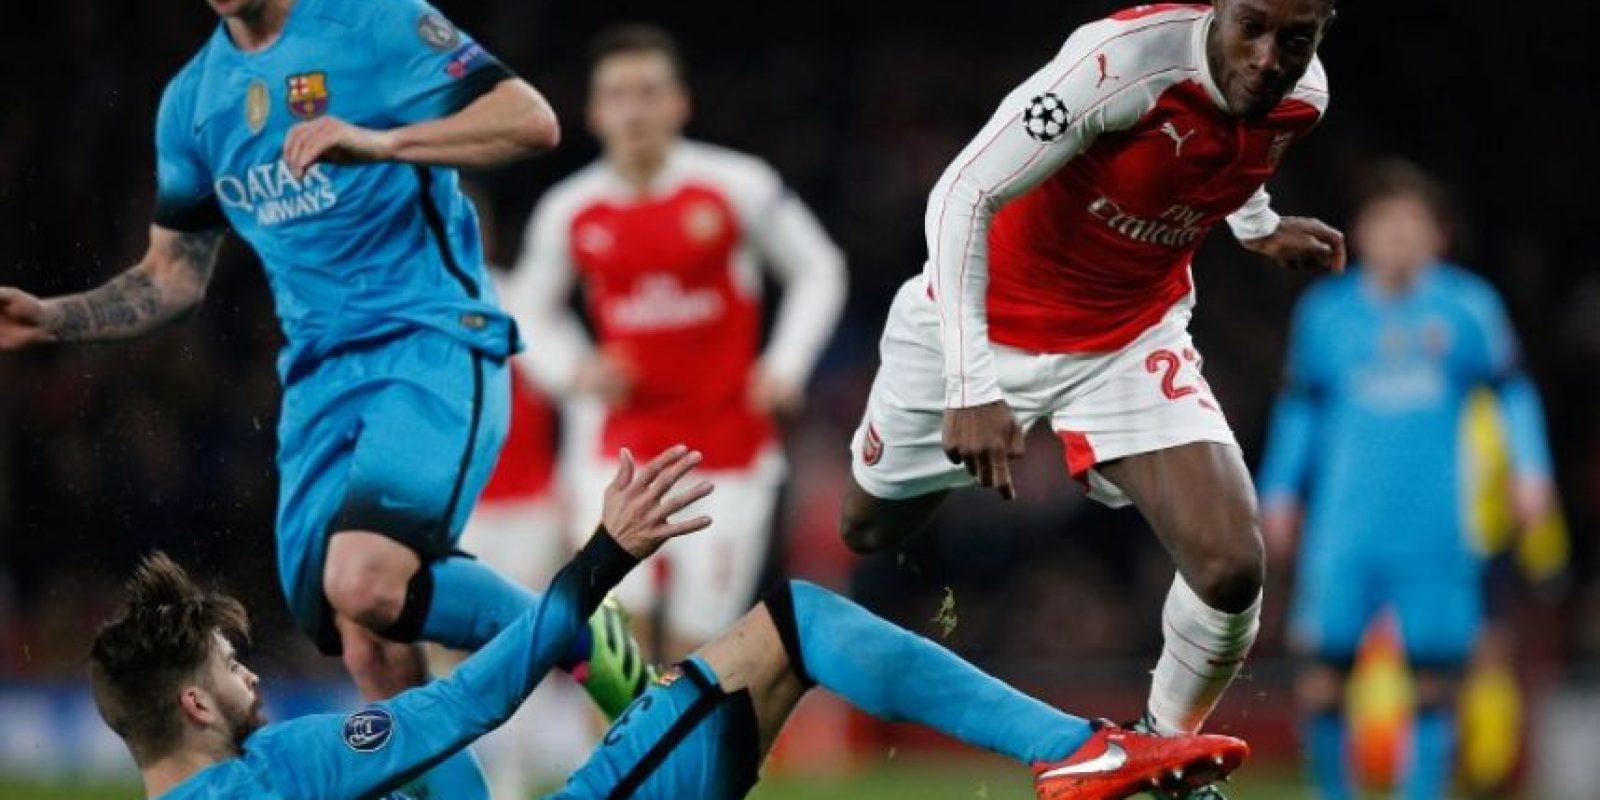 Jugadores del Barcelona y el Arsenal disputan un balón en un partido de octavos de final de la UEFA Champions League. Foto:AFP